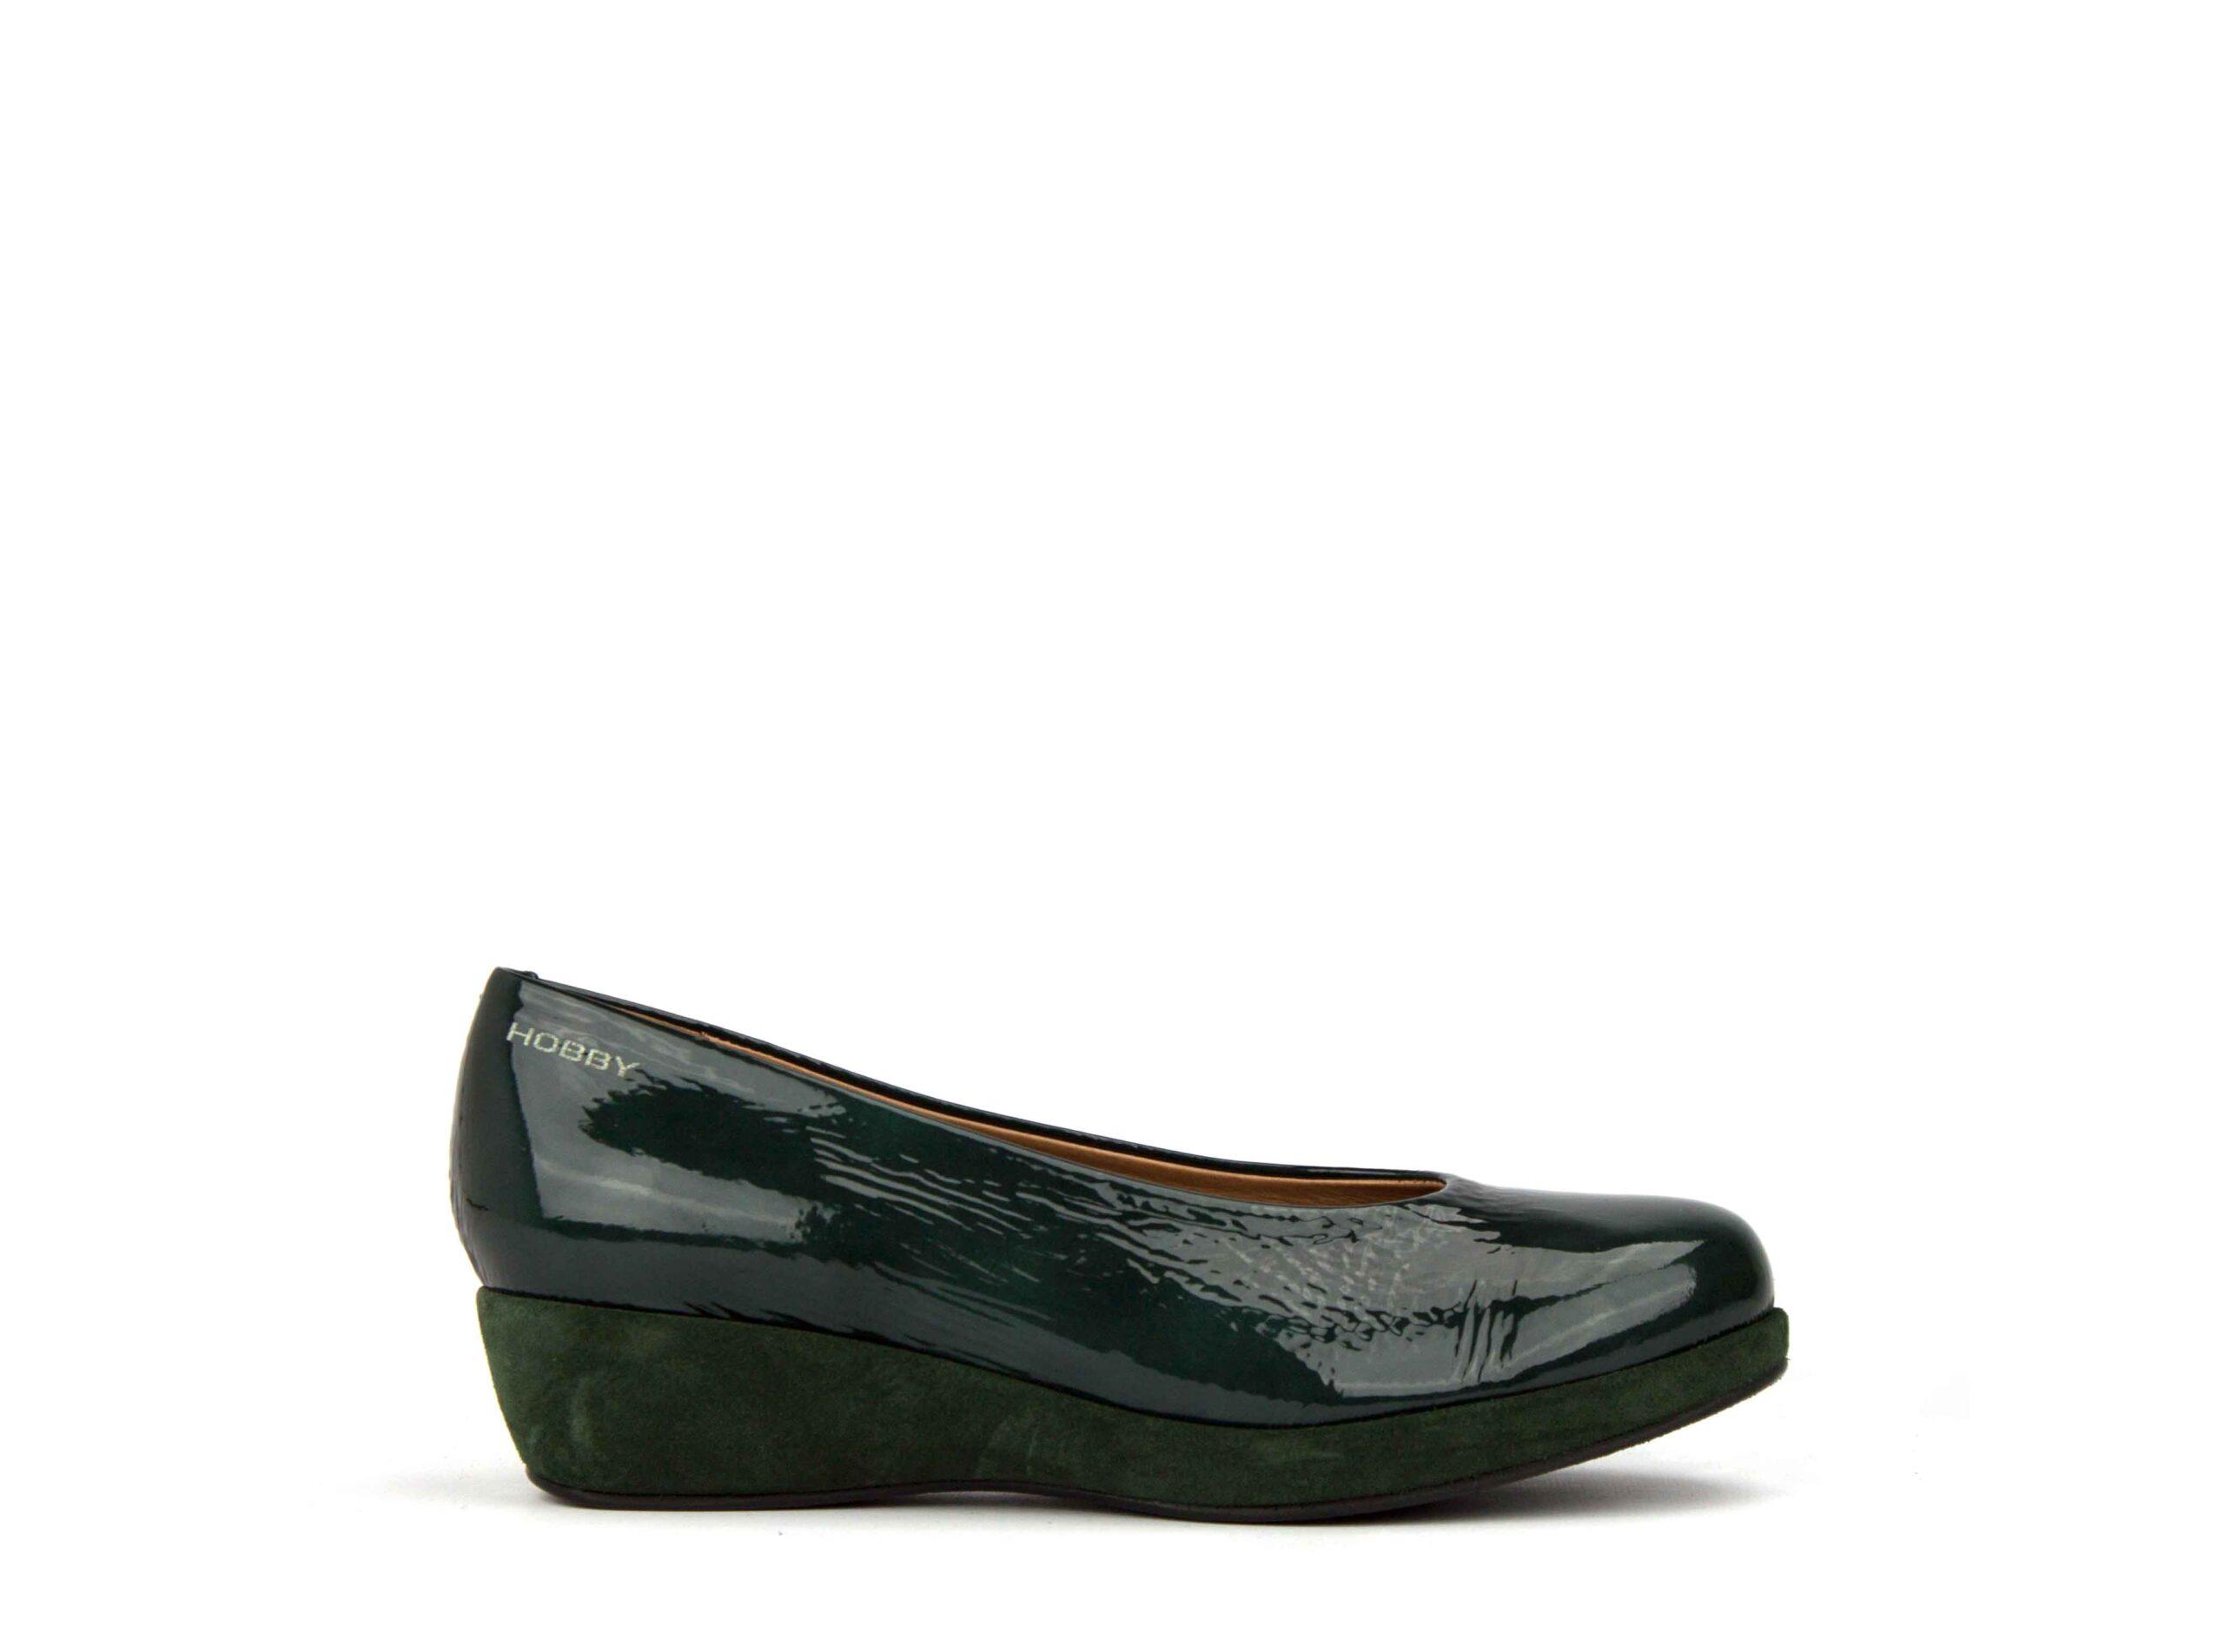 hobby 901 sumatra verde-velour verde